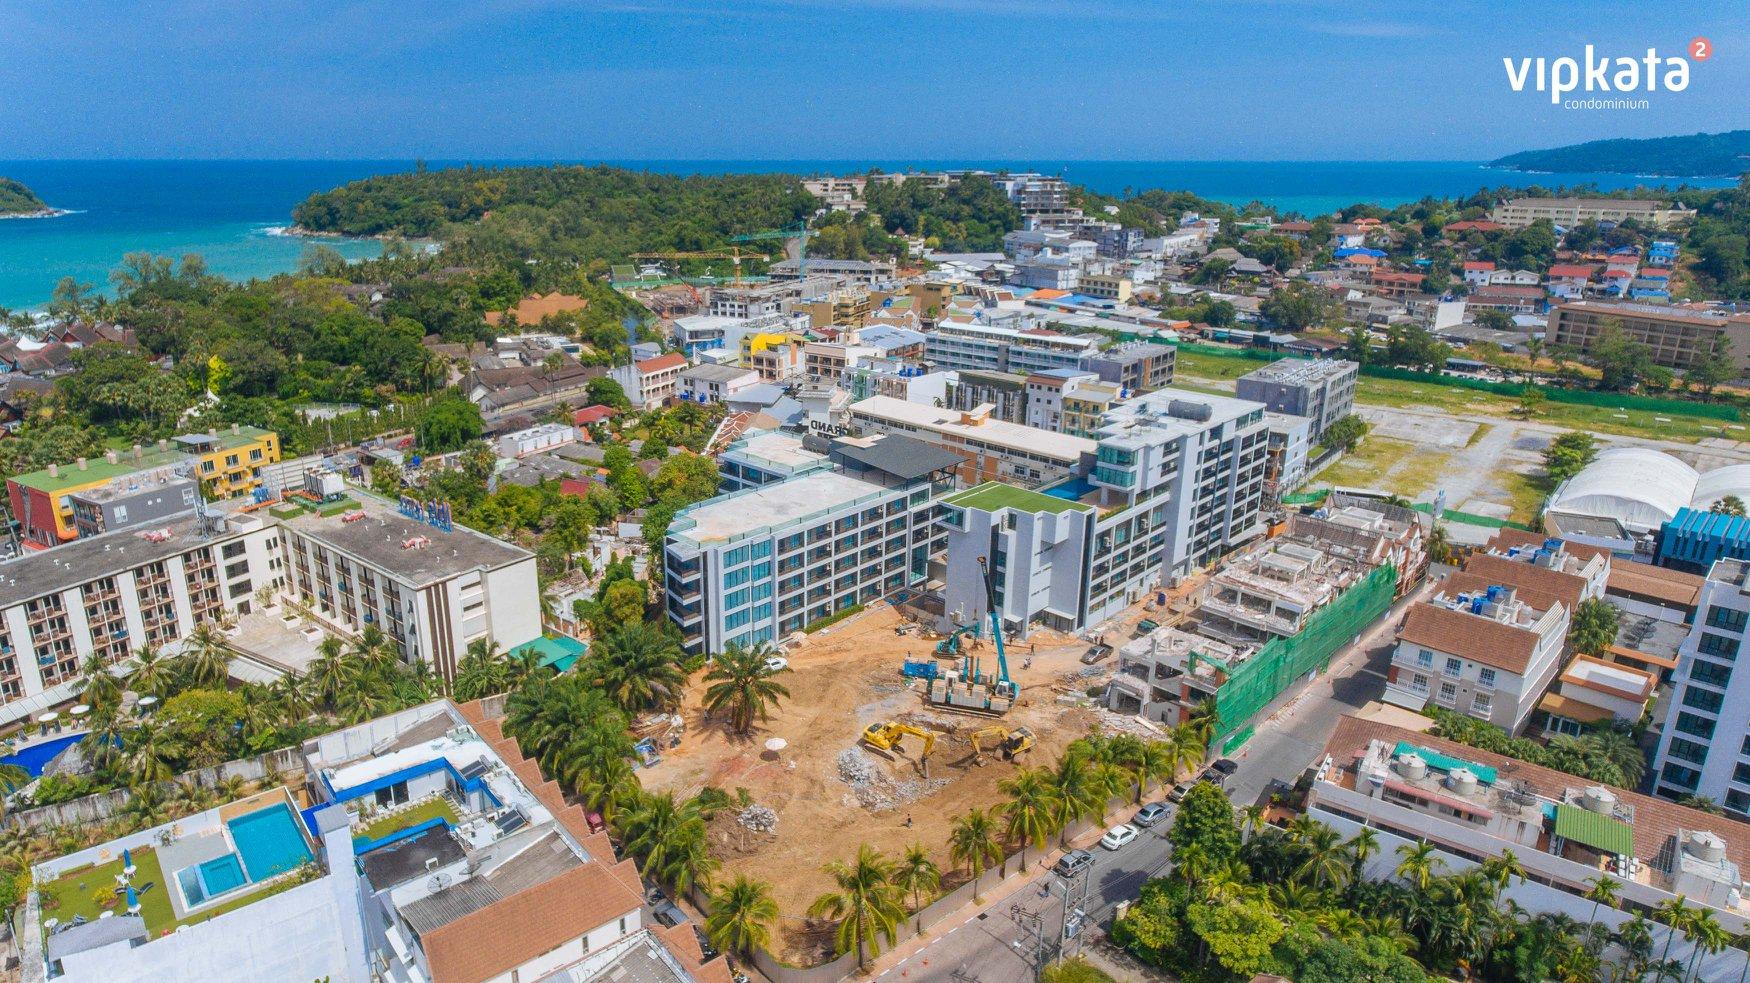 construction of the vip kata condominium